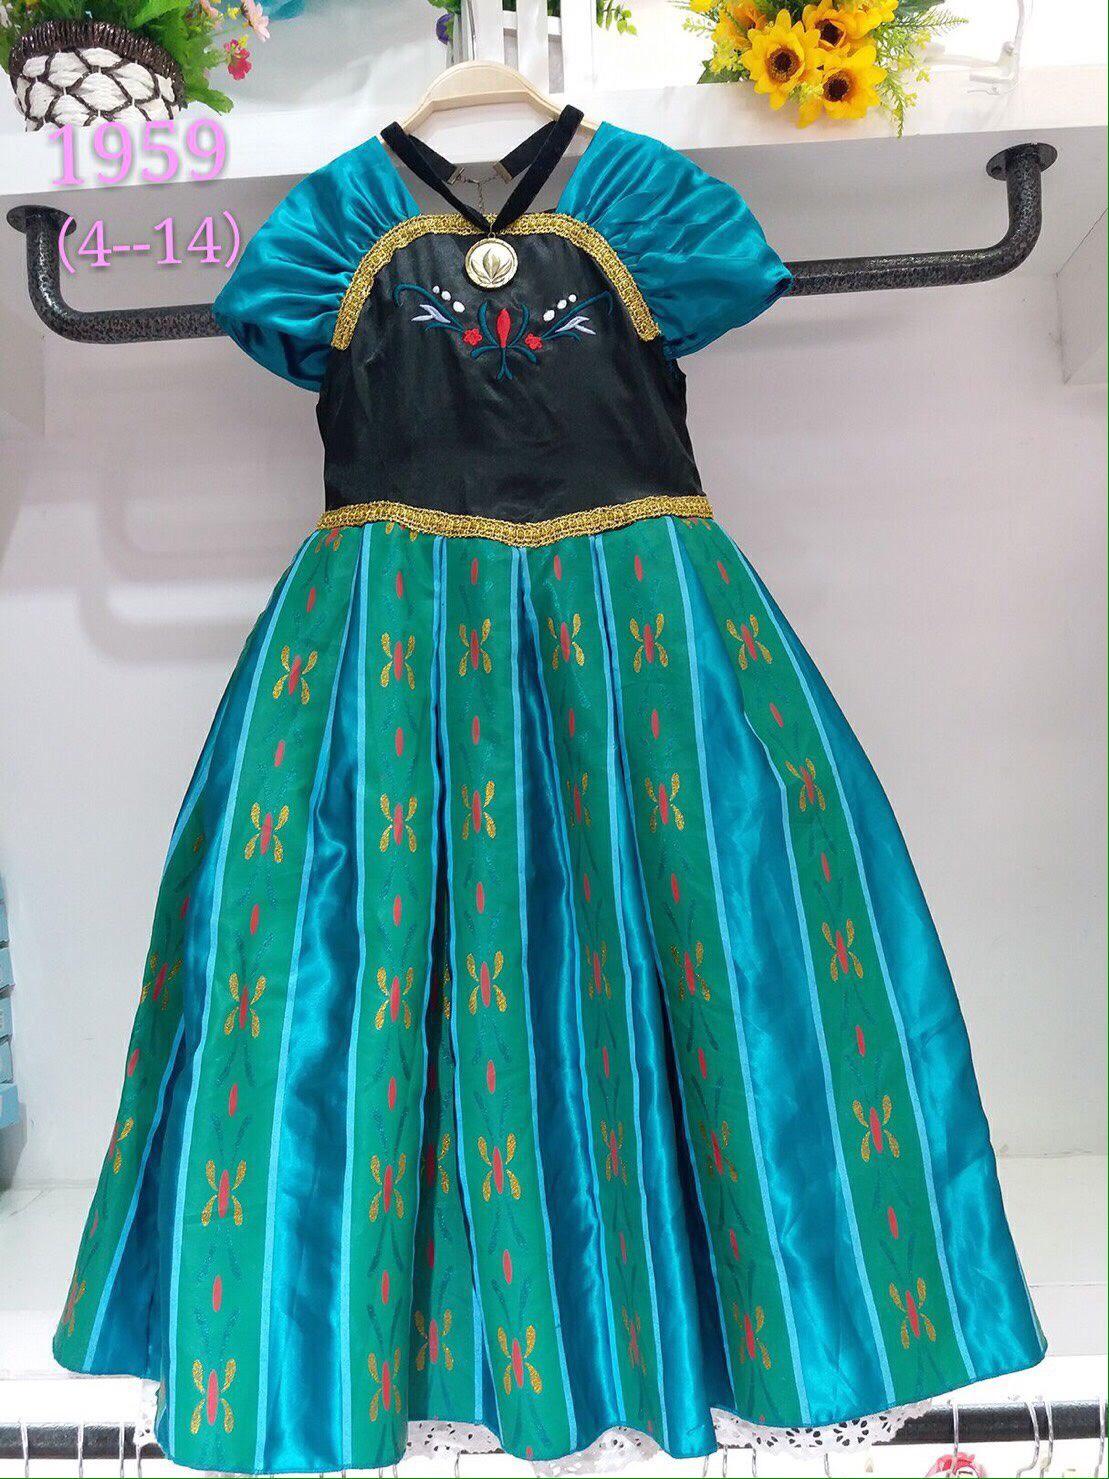 ชุดเด็ก : เดรสเจ้าหญิงแอนนา สีเขียวยาว พร้อมสร้อย